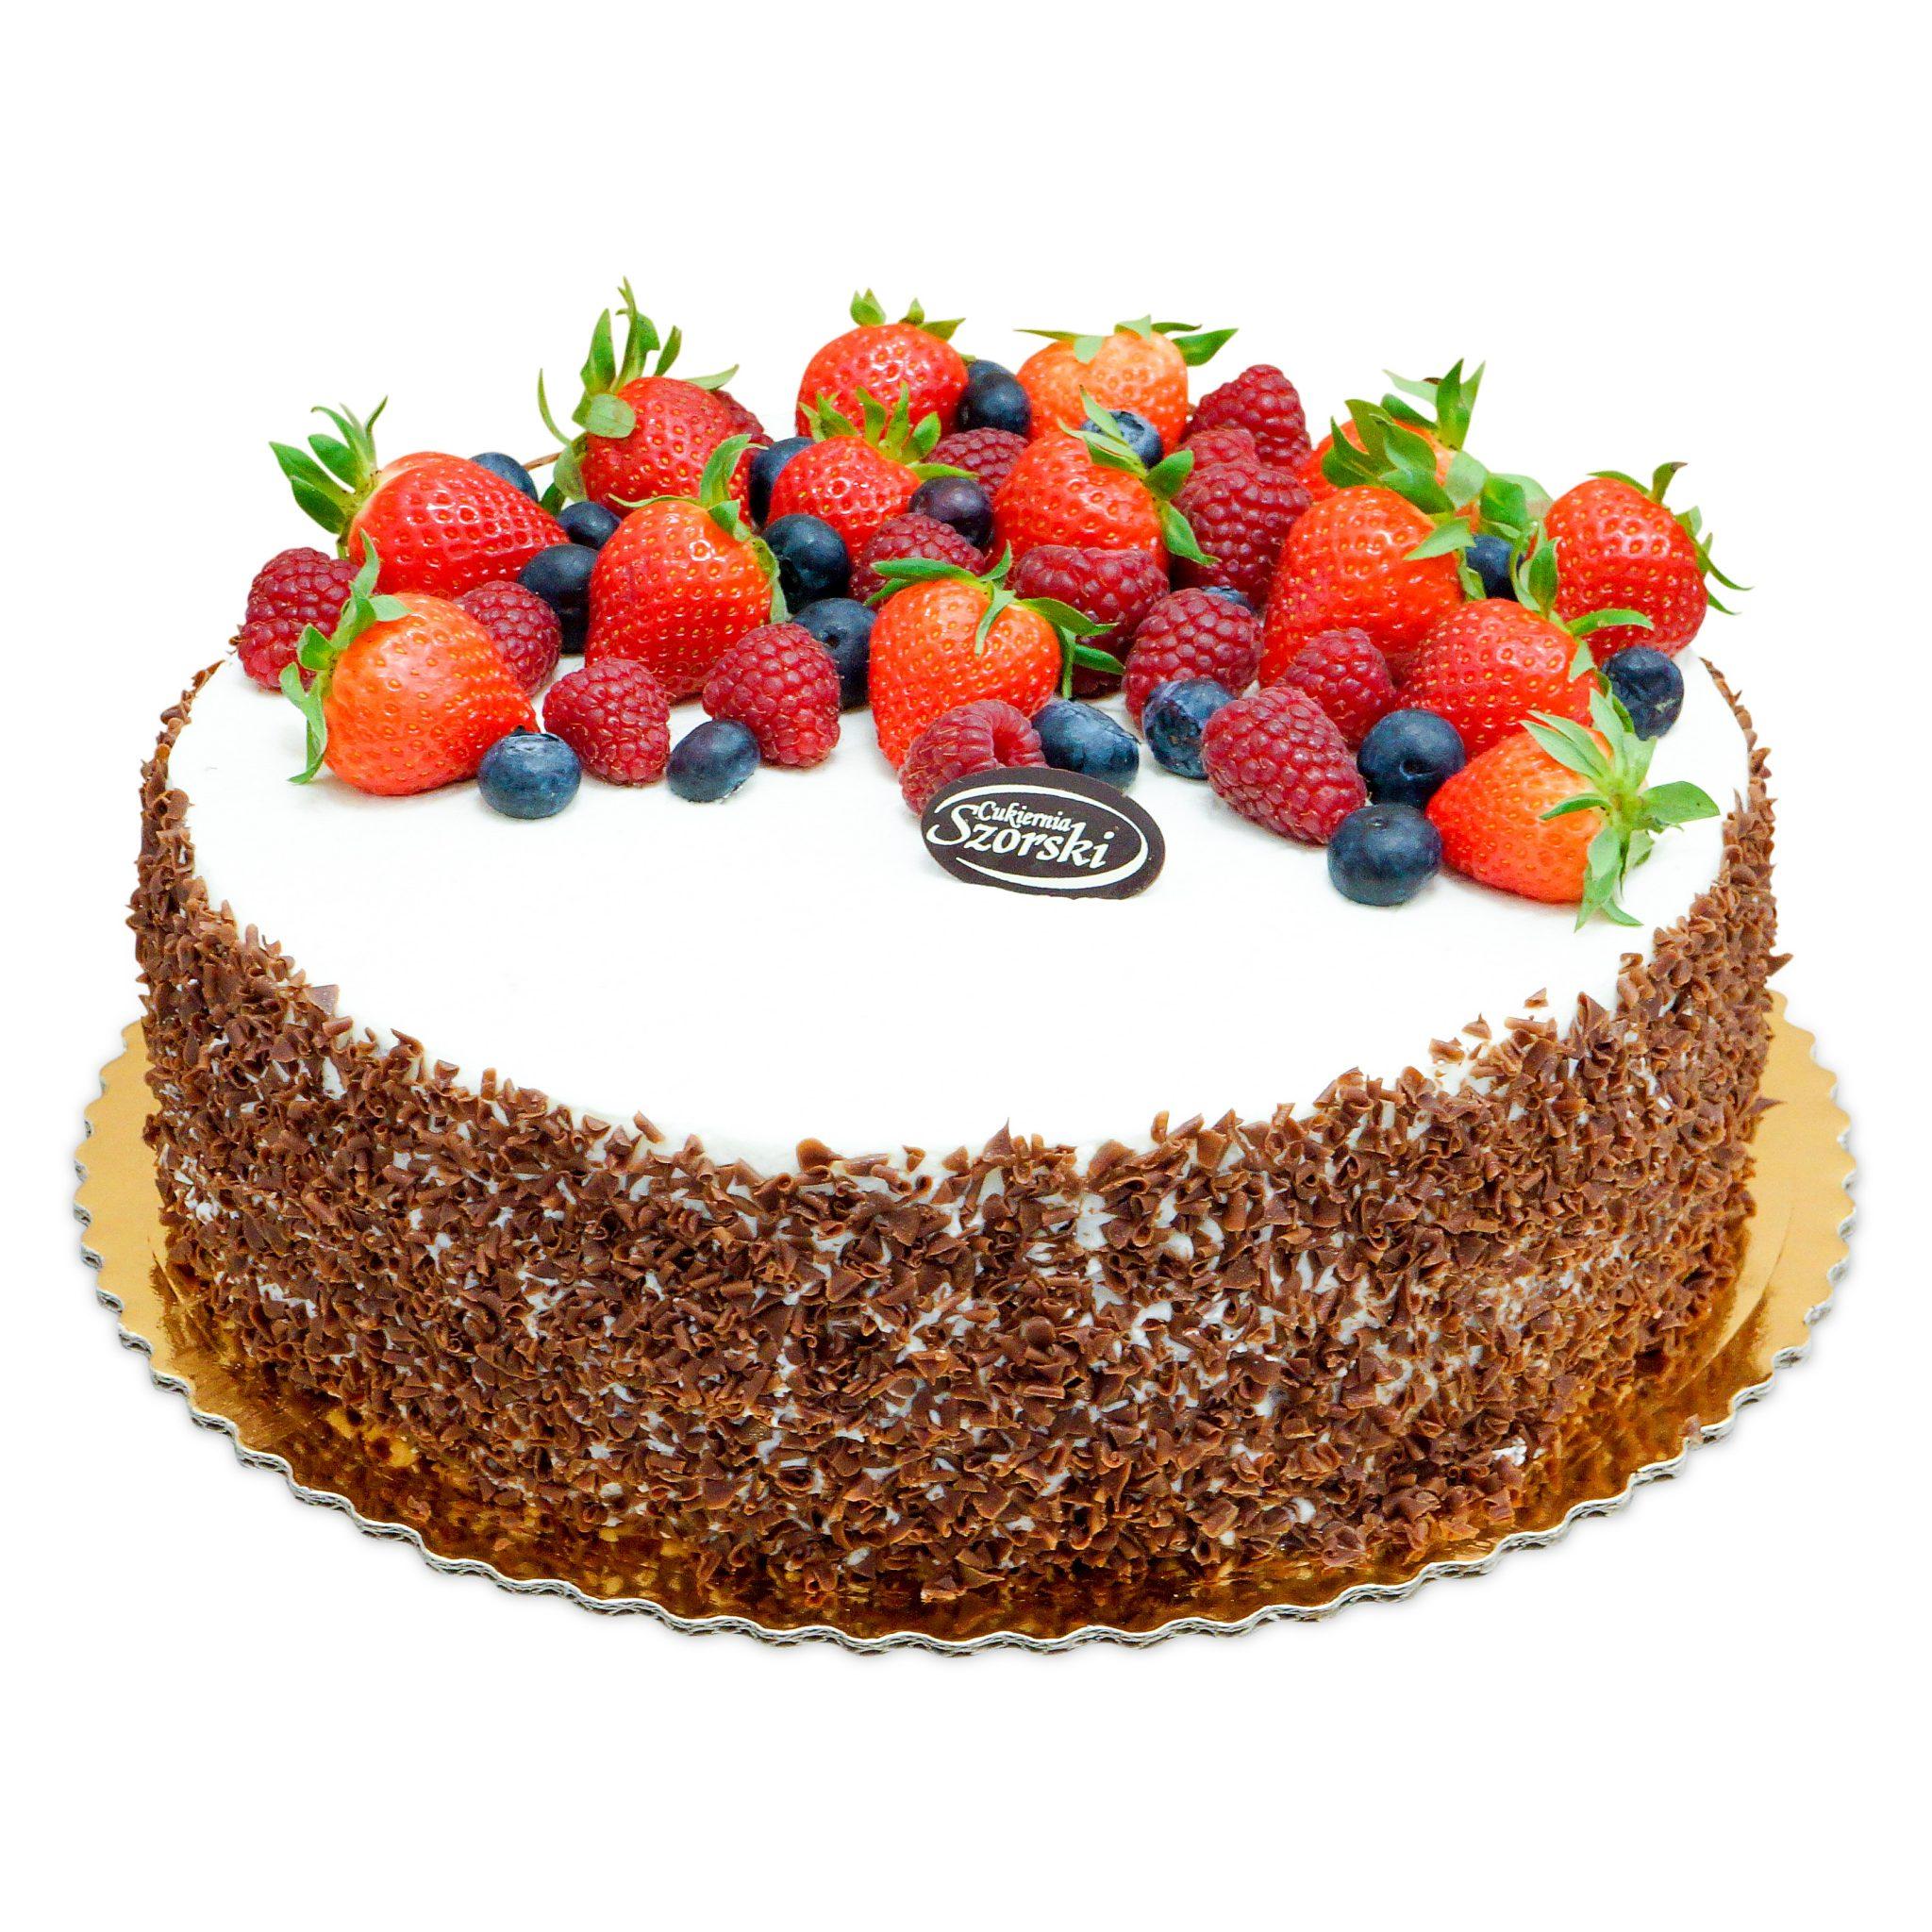 tort czekoladowy z truskawkami, malina i borówkami z ostrów wielkopolski